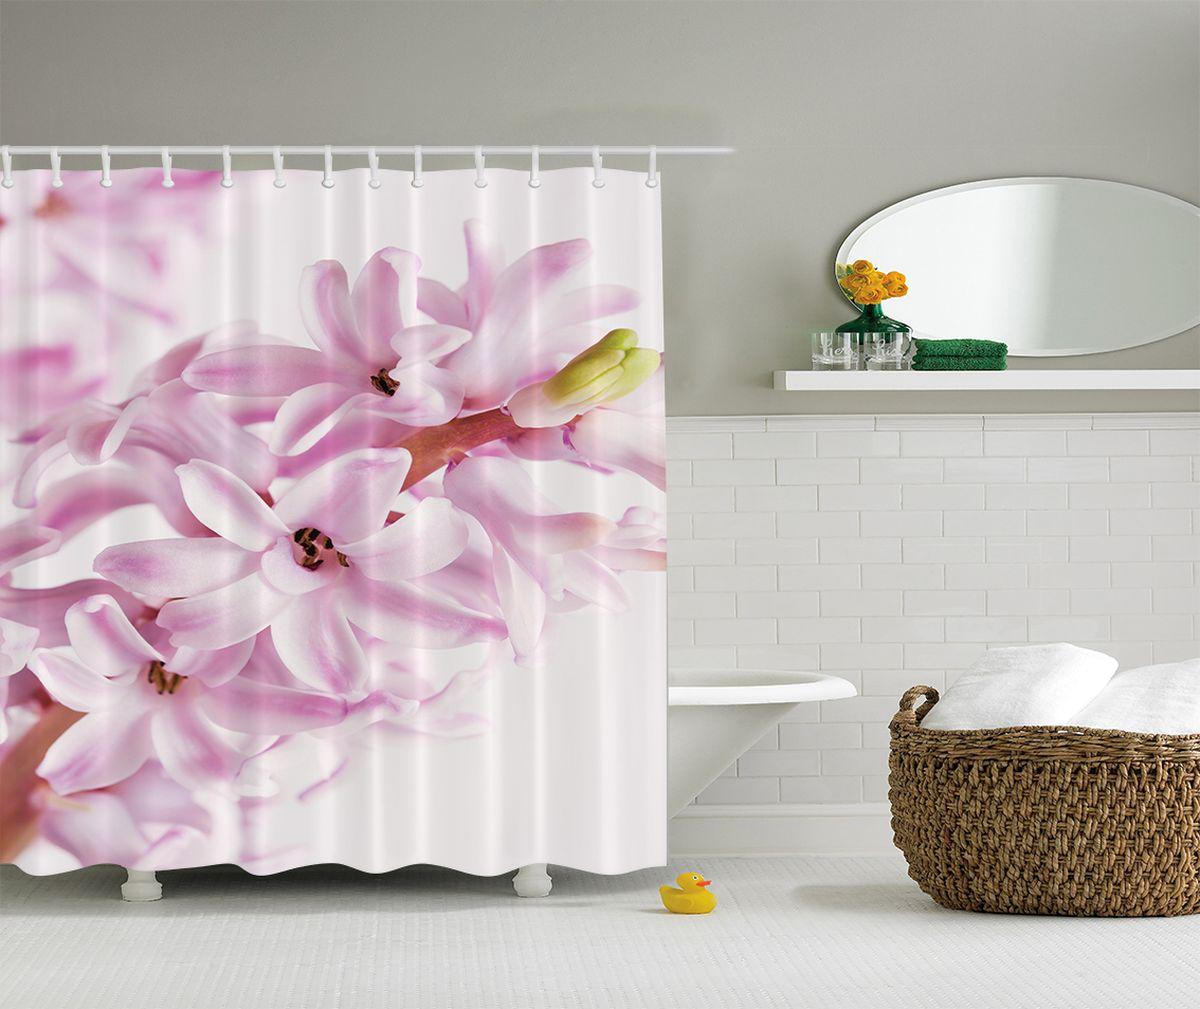 Штора для ванной комнаты Magic Lady Гиацинт, 180 х 200 см фотоштора для ванной утка принимает душ magic lady 180 х 200 см